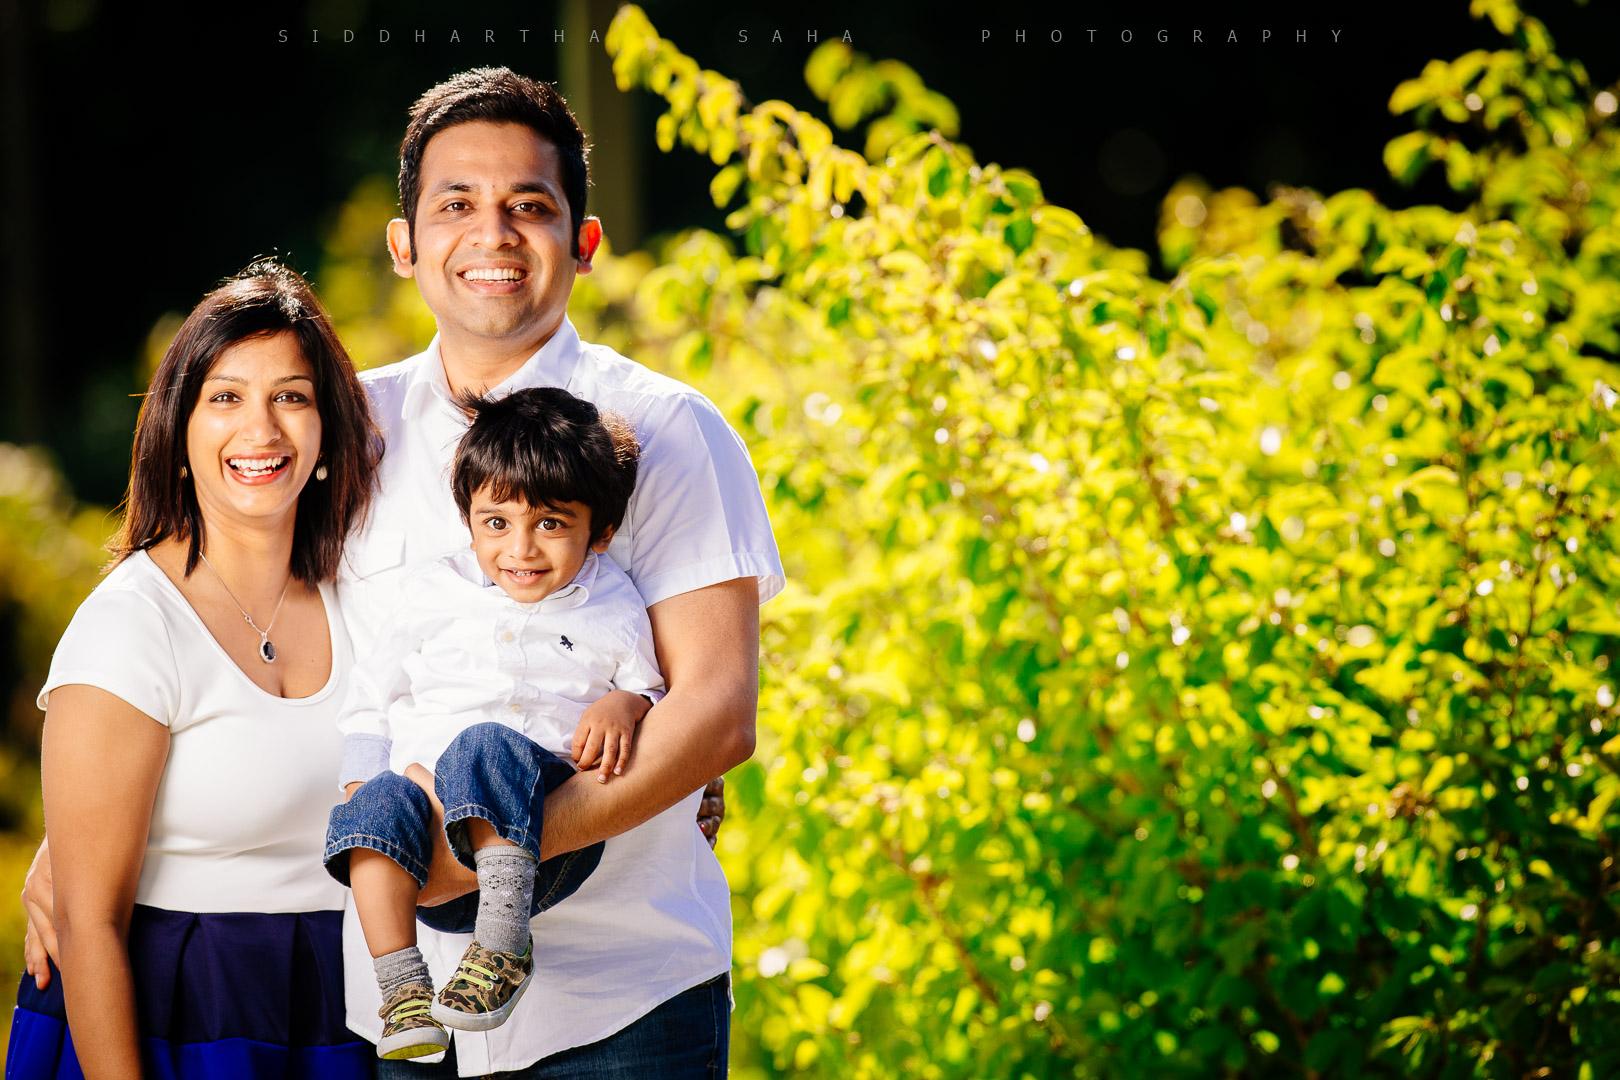 2015-06-14 - Ranjani Naveen Vihaan Photoshoot - _05Y5697